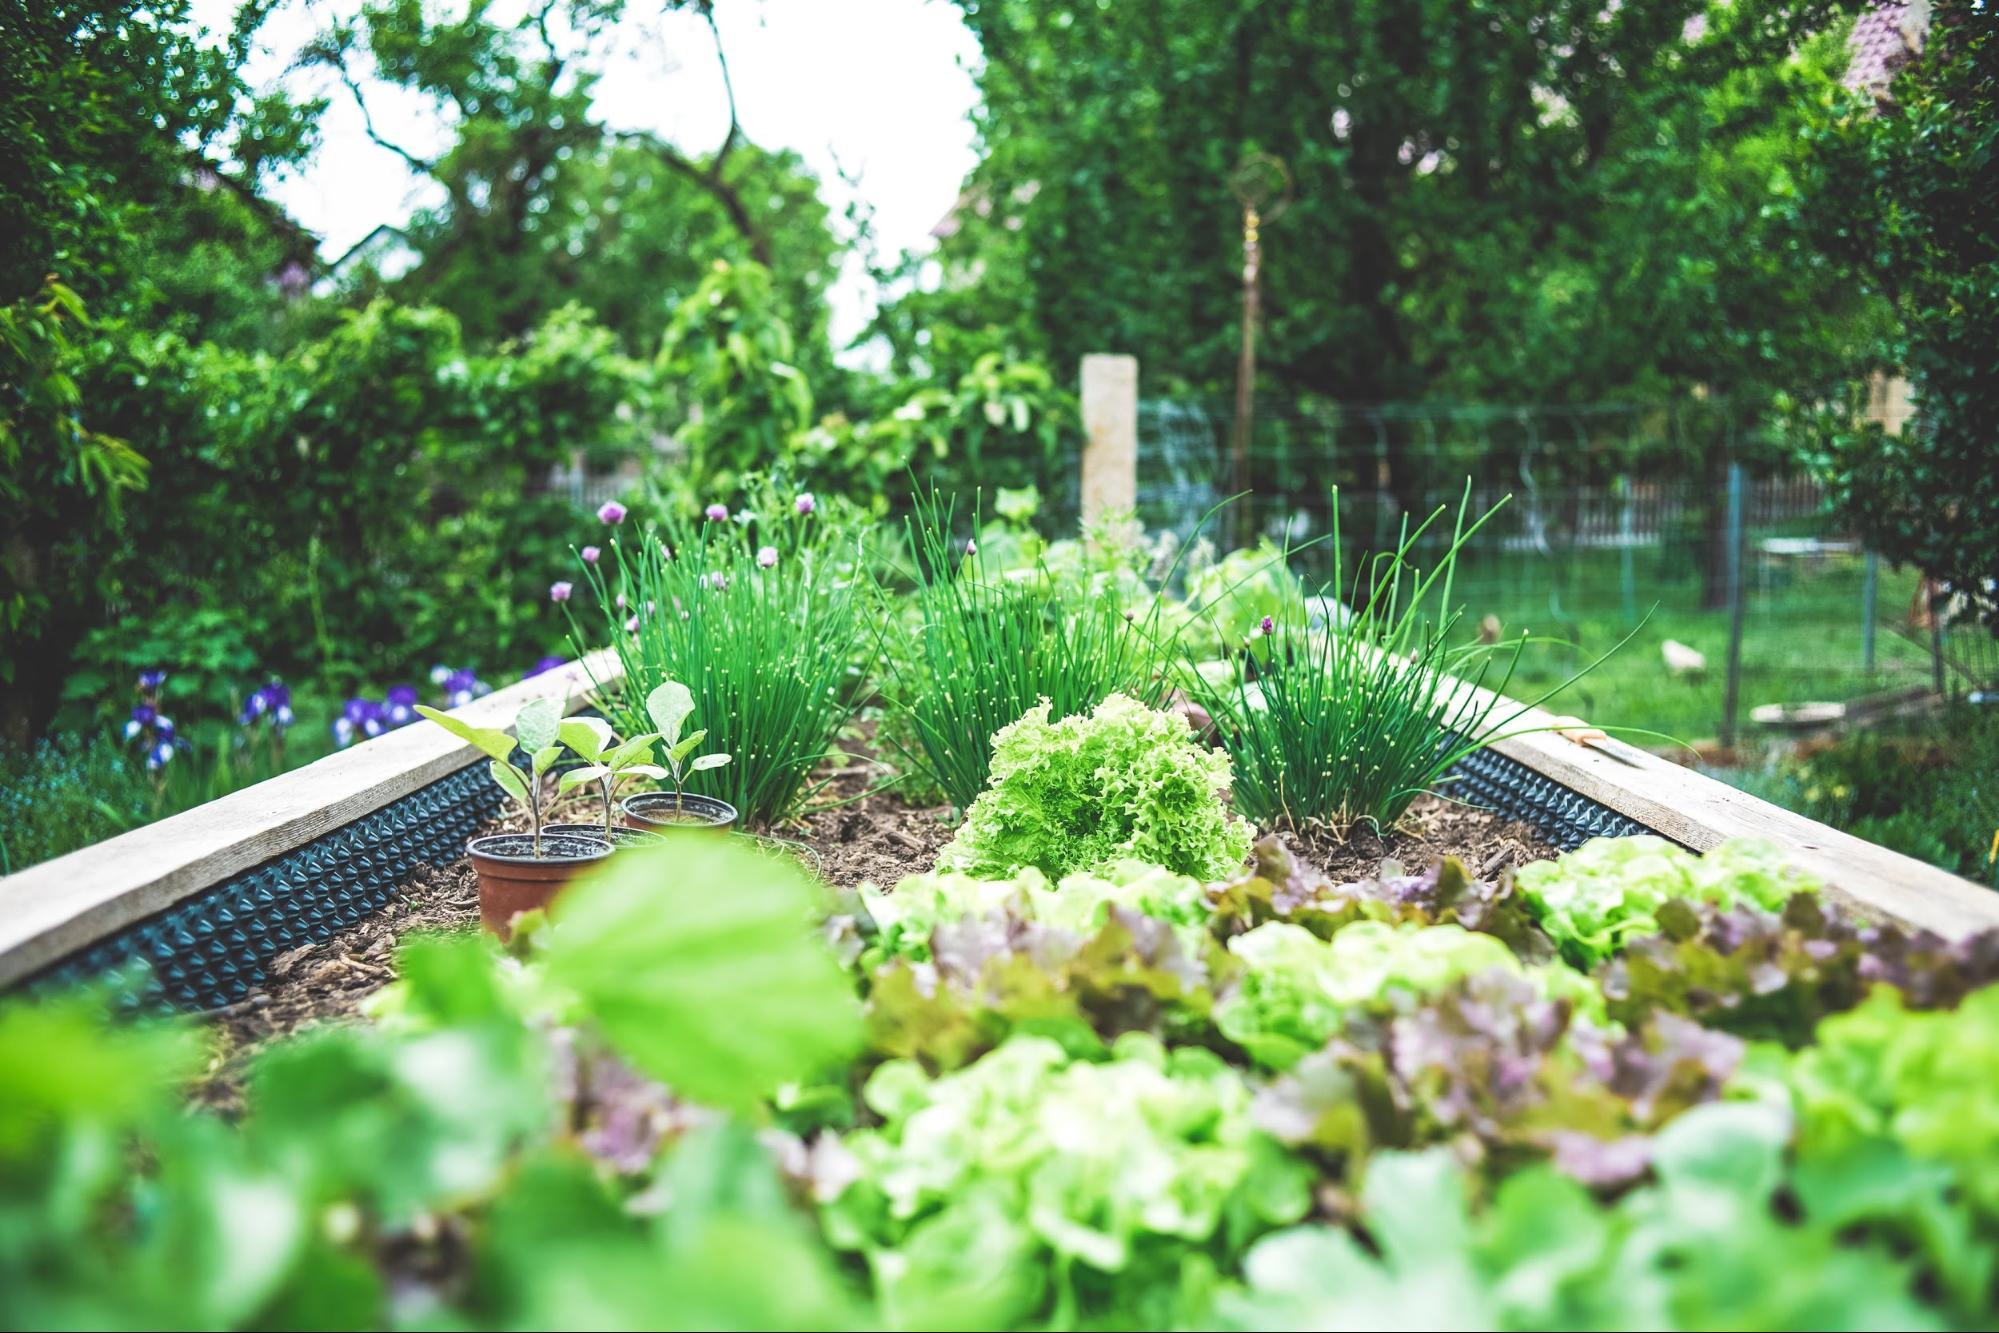 Veggie garden backyard decor